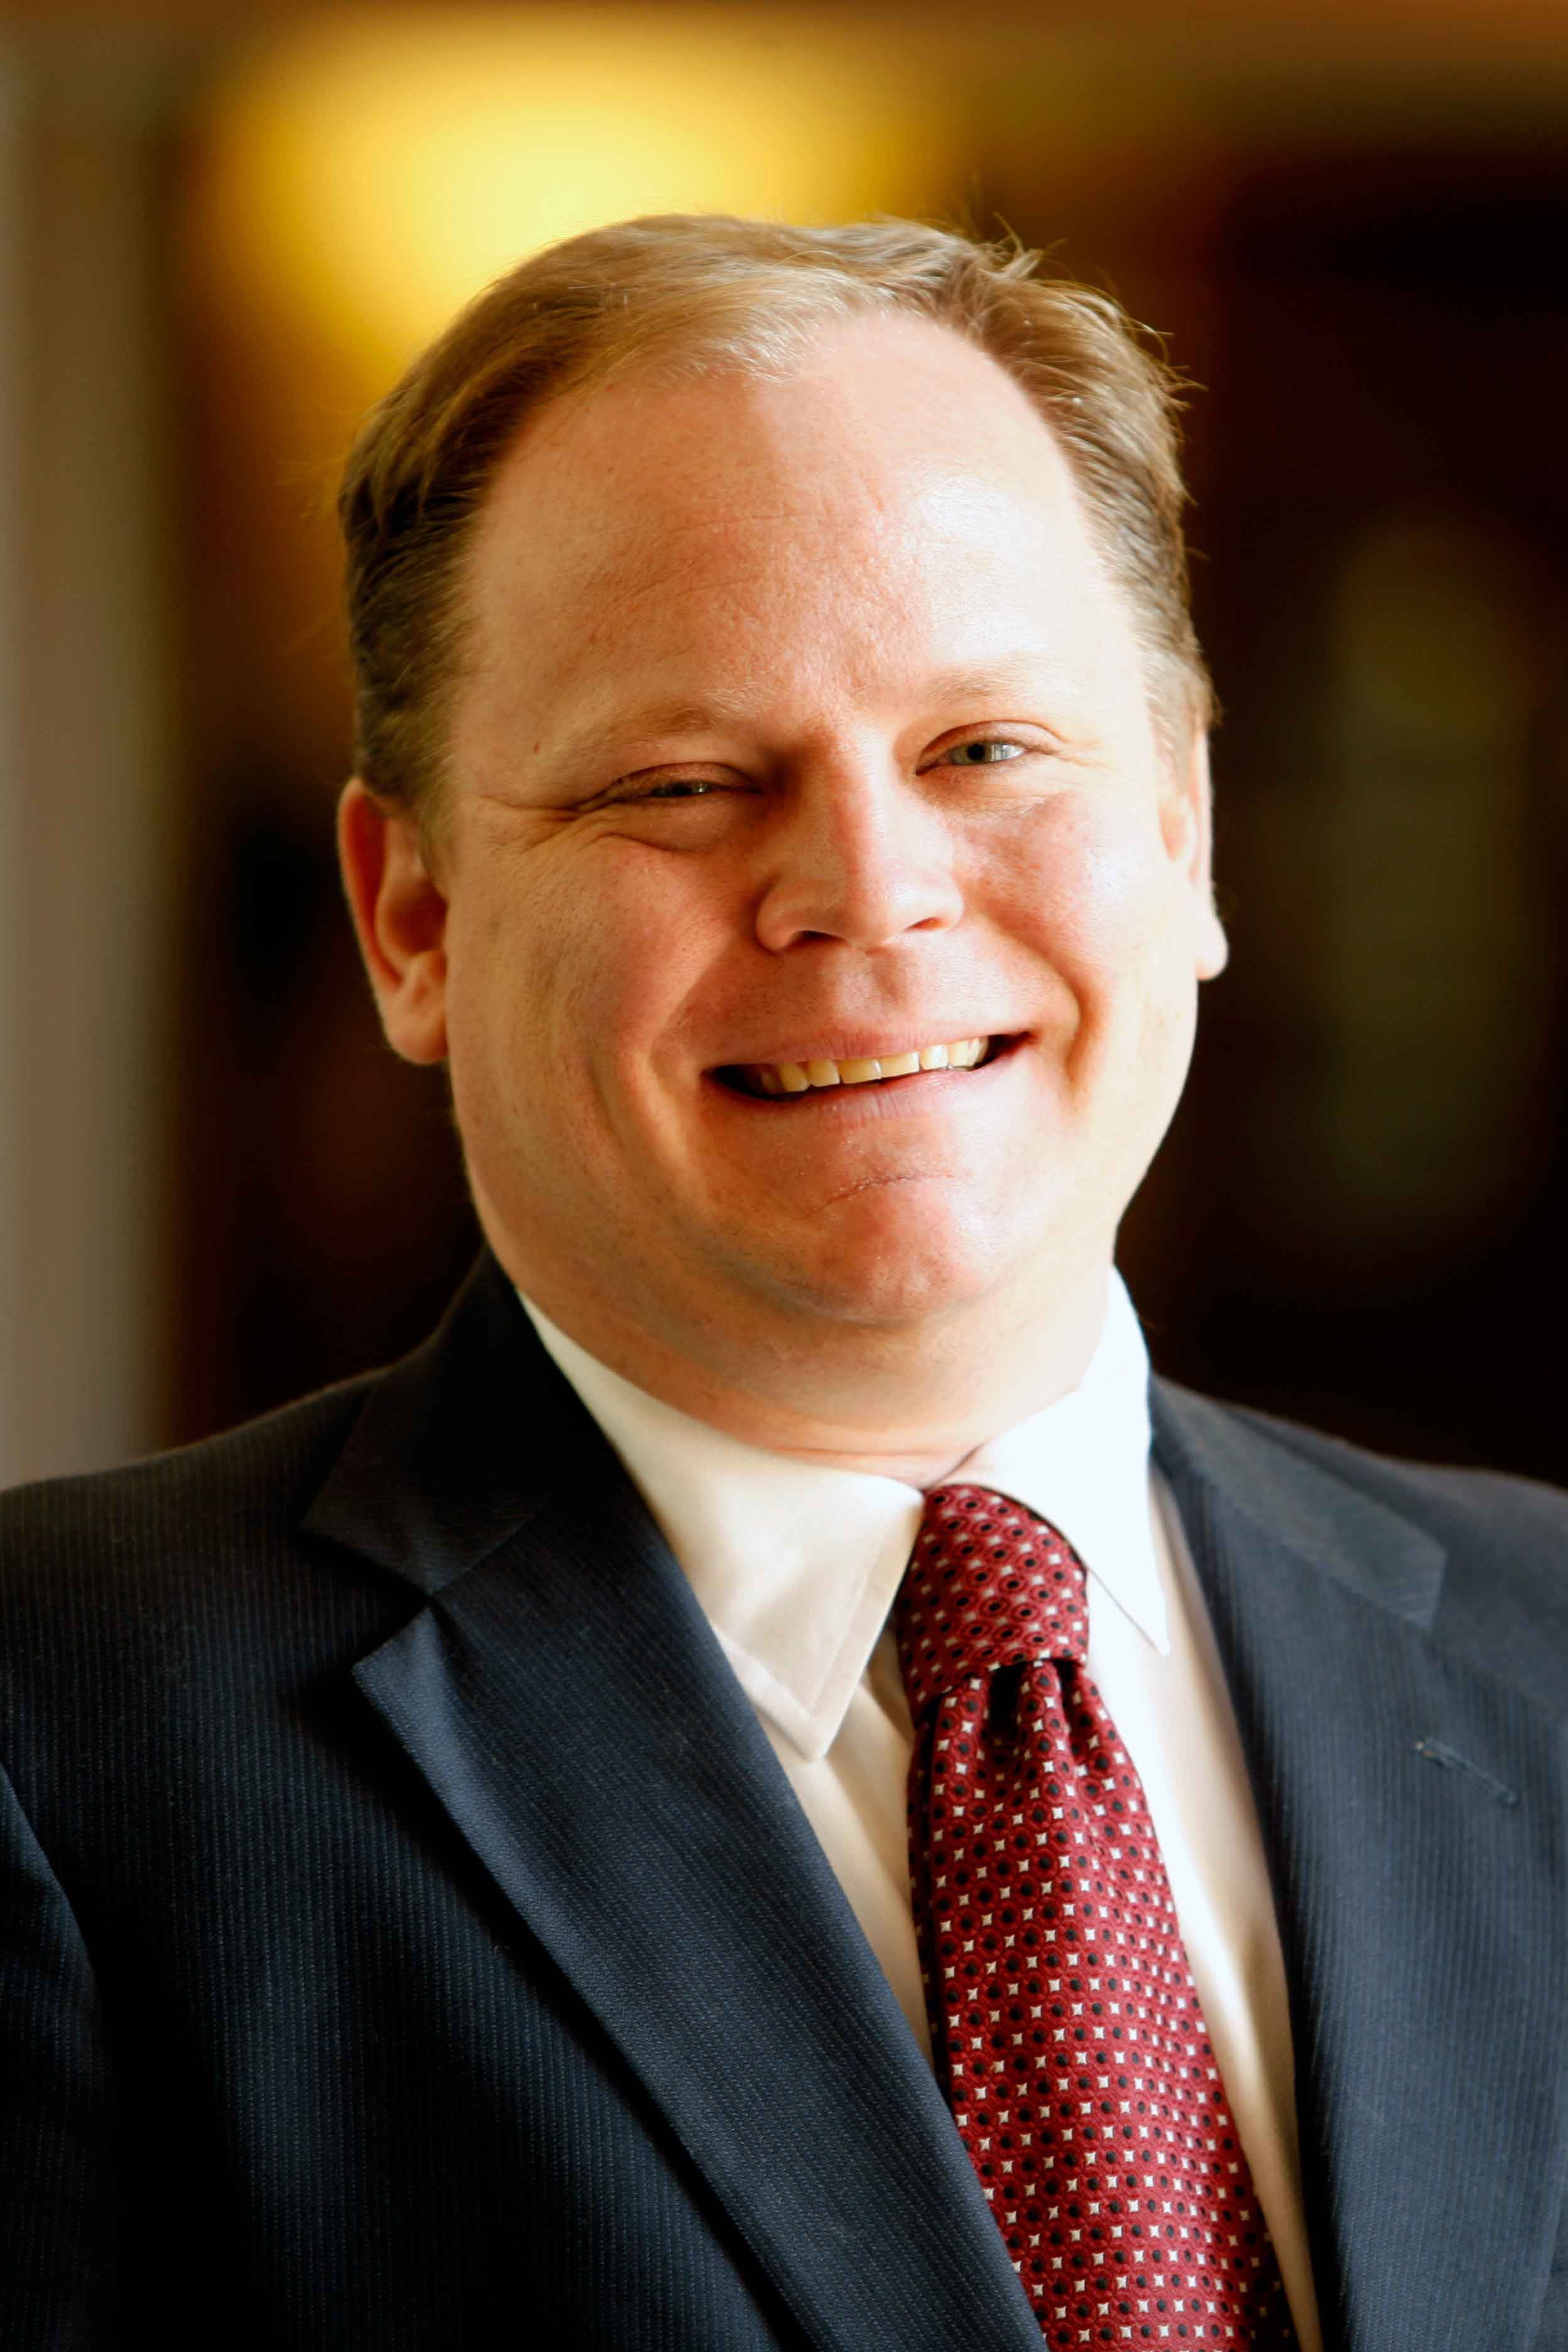 Toby J. Heytens